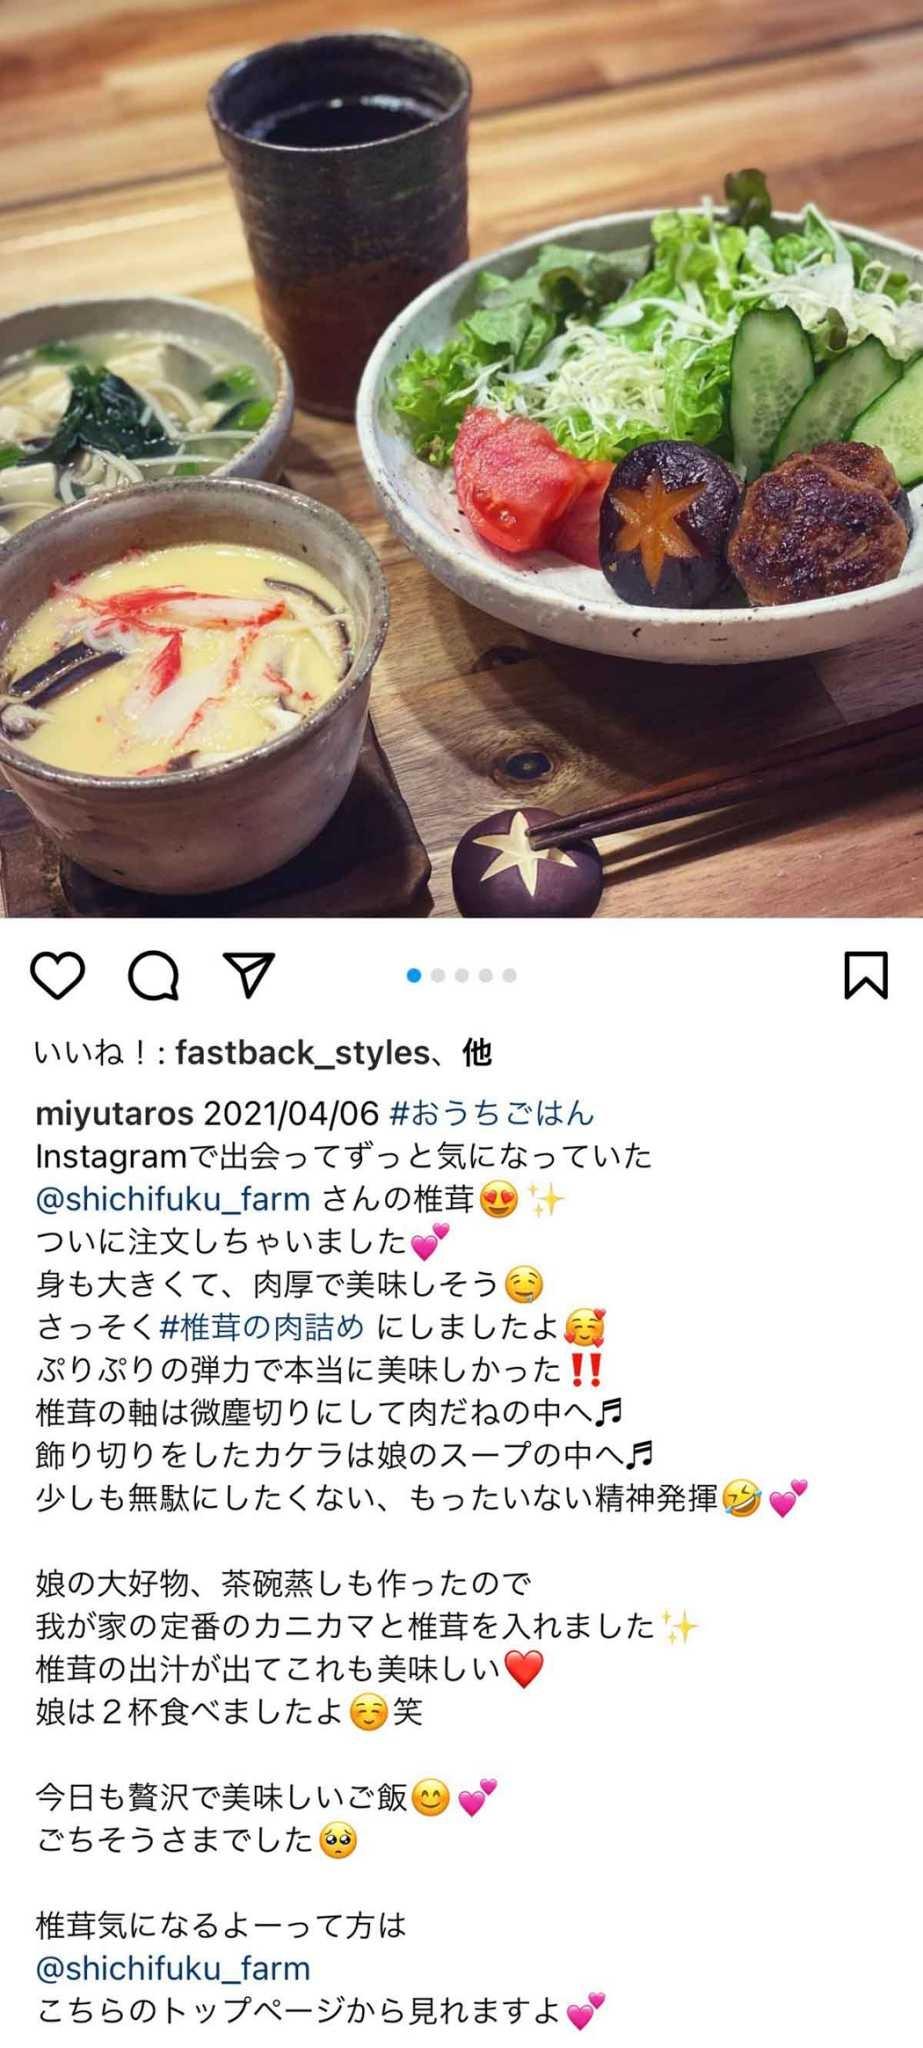 七福ファームの美味しい椎茸(しいたけ)おためしセットの通販